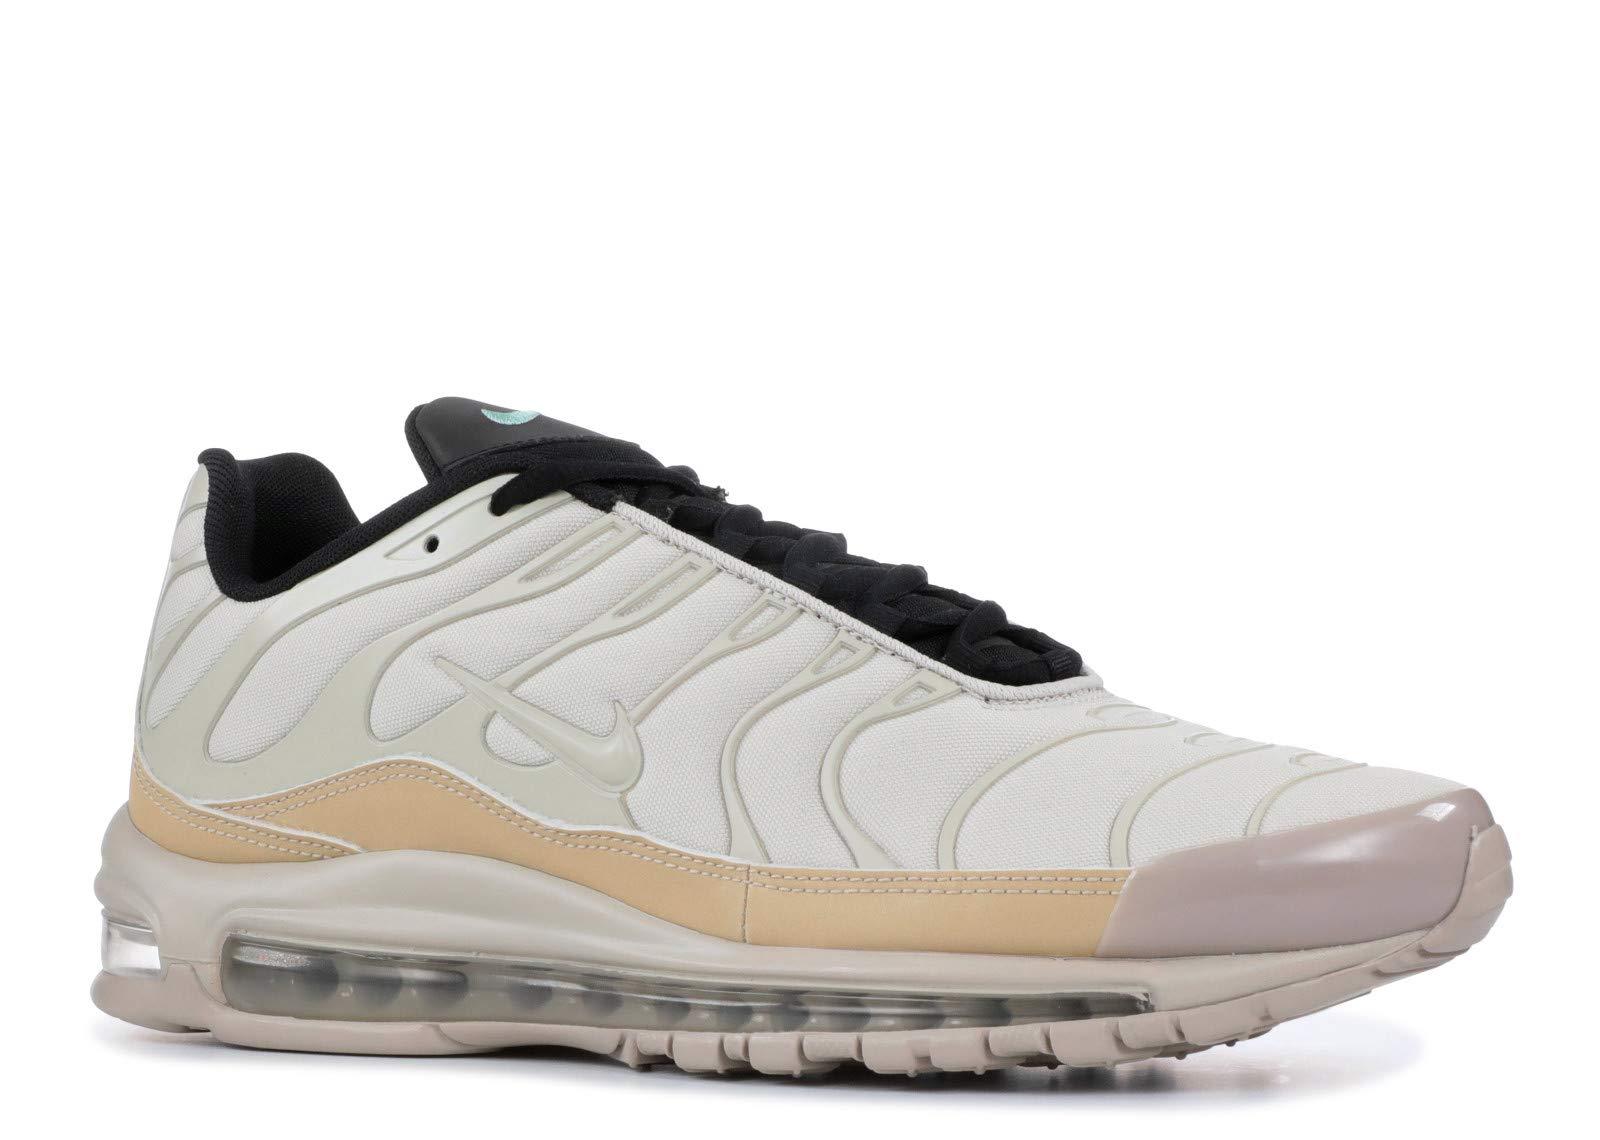 61ZzENqI0PL - Nike Men's Air Max 97 / Plus Gymnastics Shoes